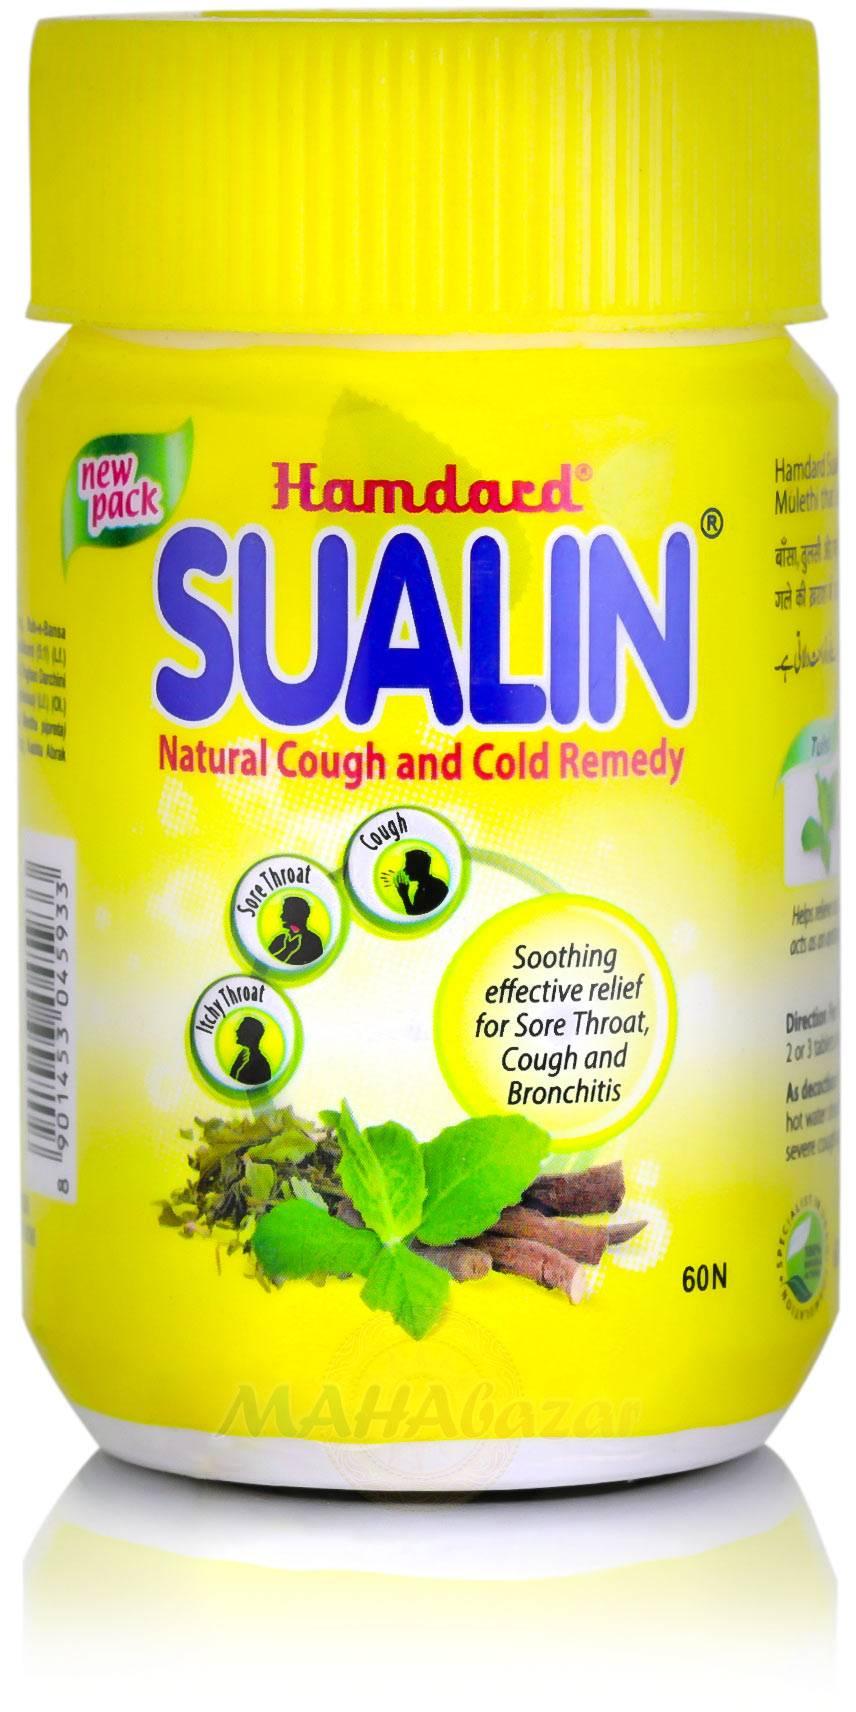 Средство для лечения простуды и кашля Суалин, 60 таб, производитель Хамдард; Sualin, 60 tabs, Hamdard